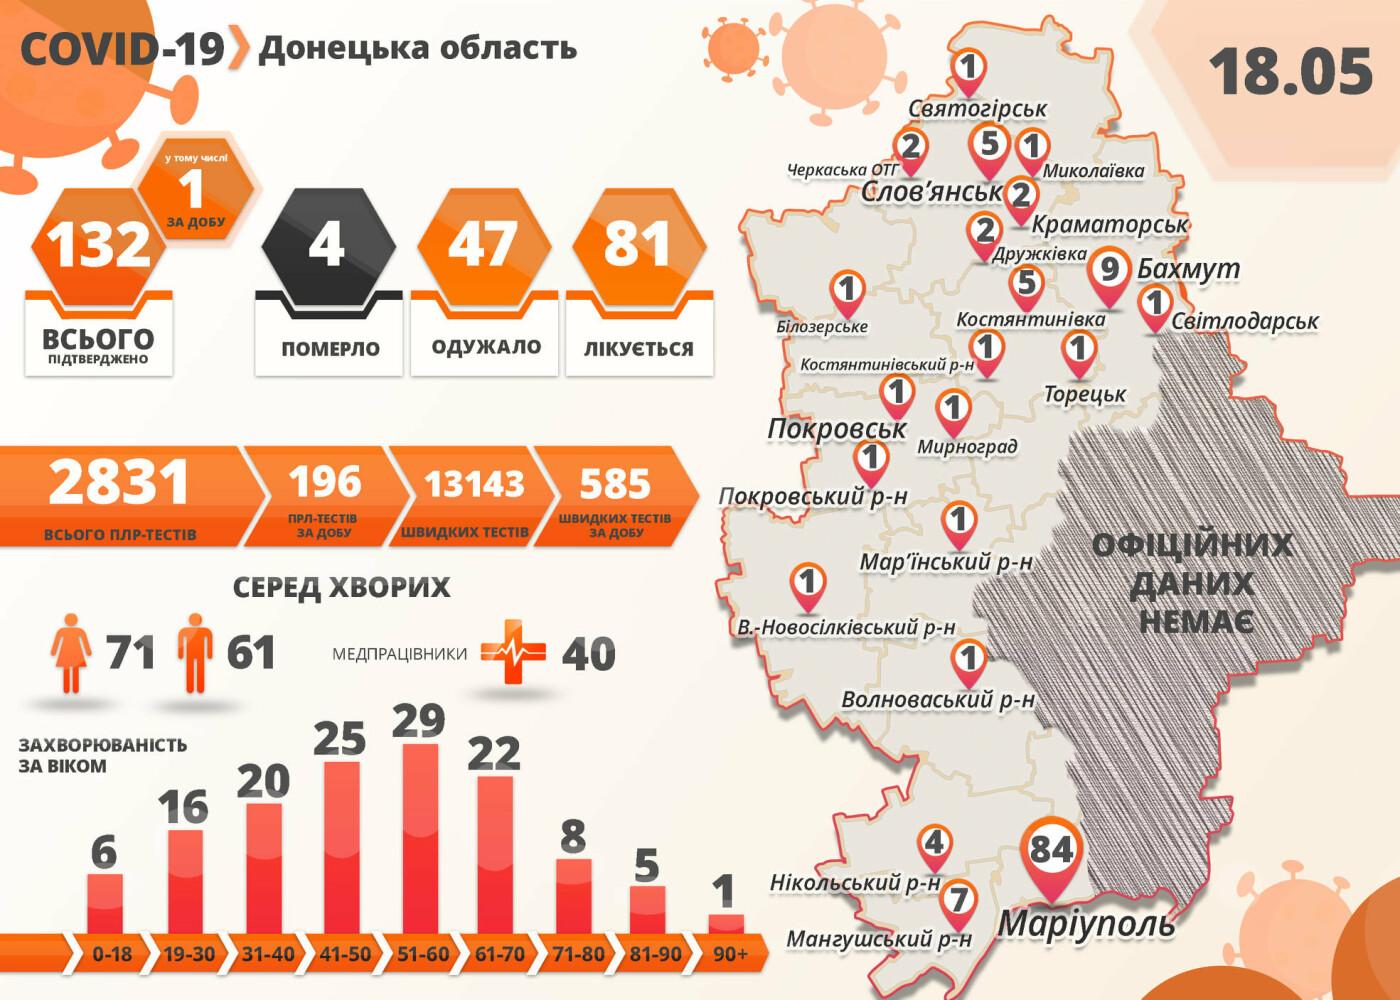 В Донецкой области выявлено 132 случая коронавируса, фото-1